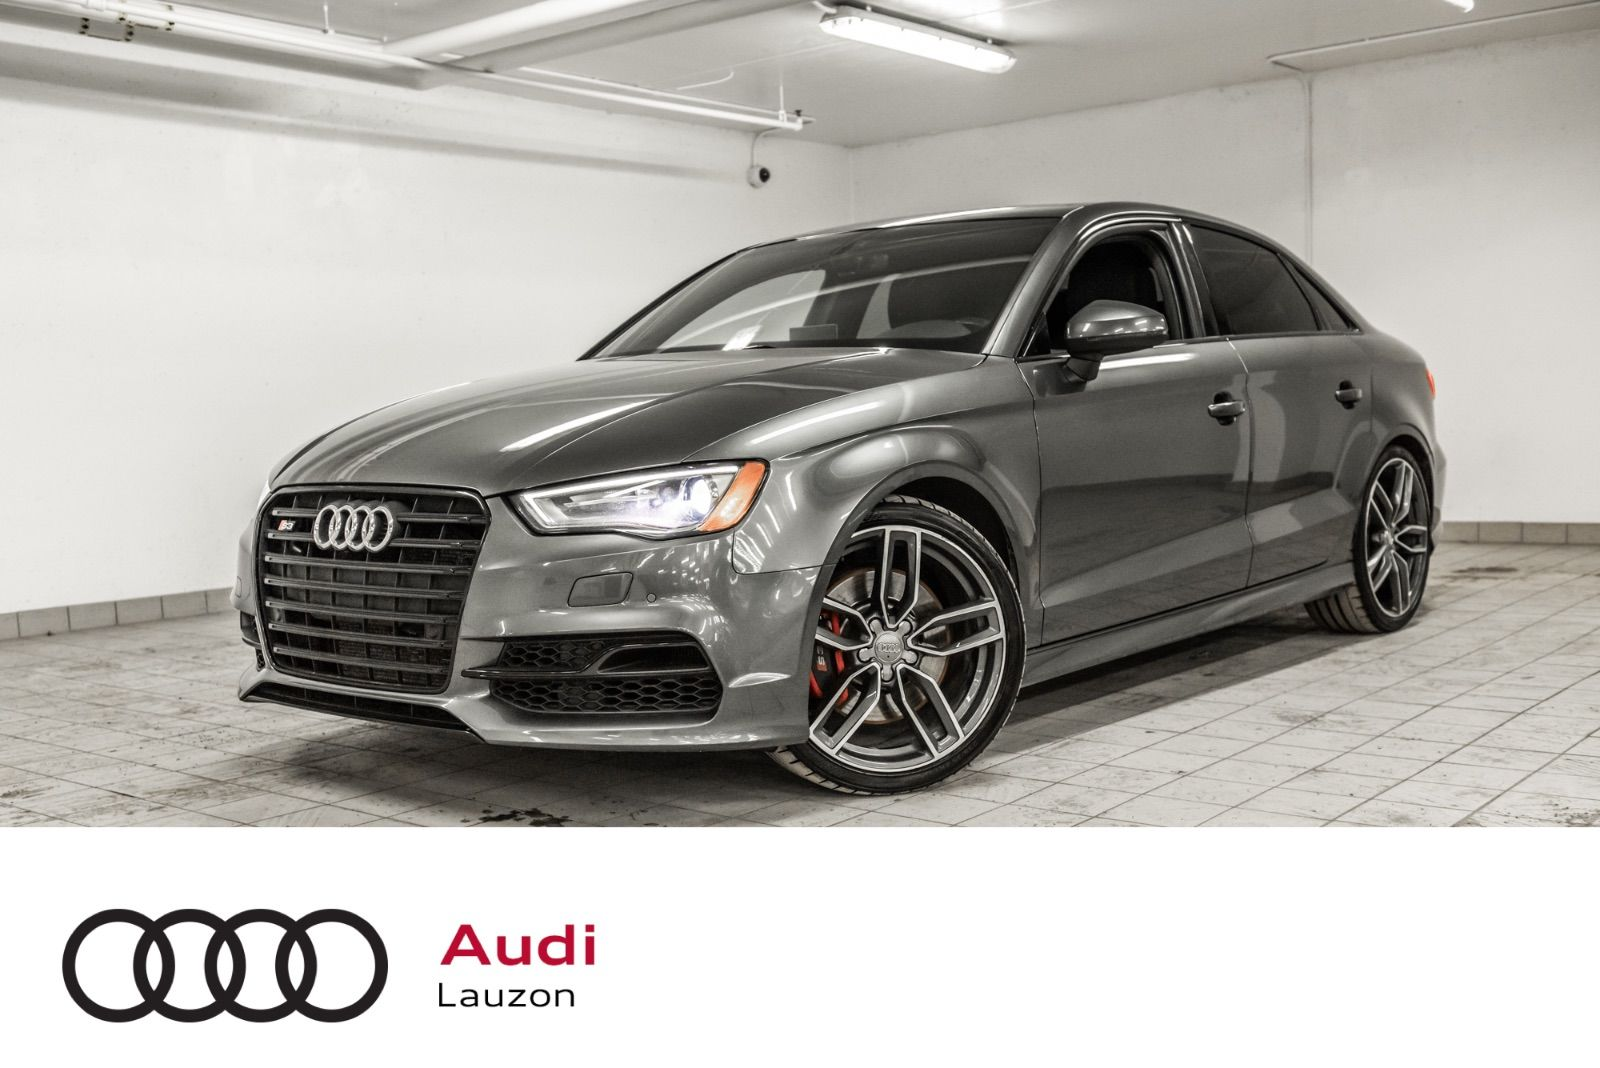 Kelebihan Kekurangan Audi S3 2016 Spesifikasi